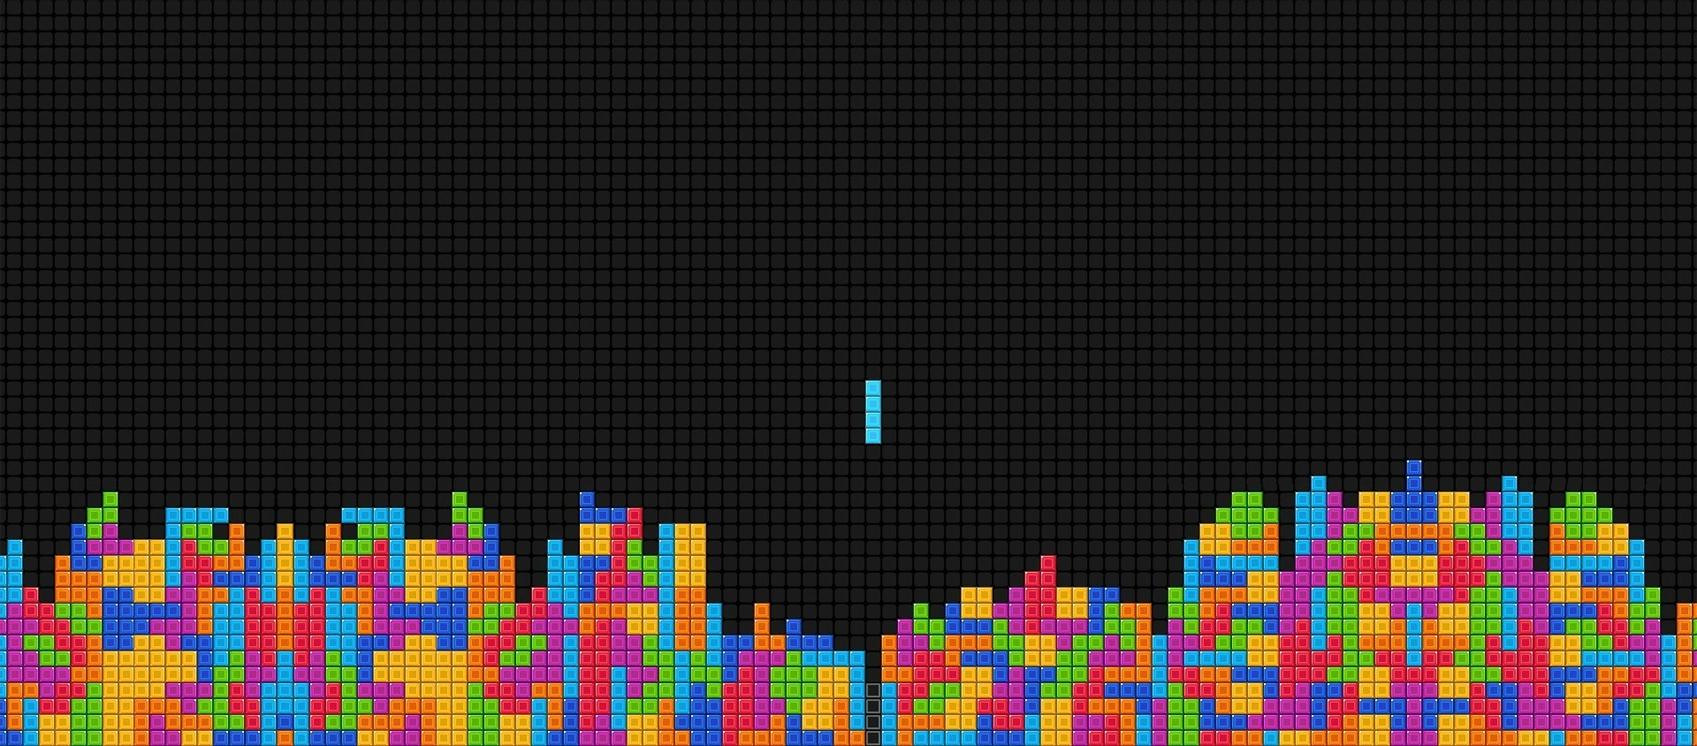 Алгоритм, который умеет рисовать изображения, играя в Тетрис